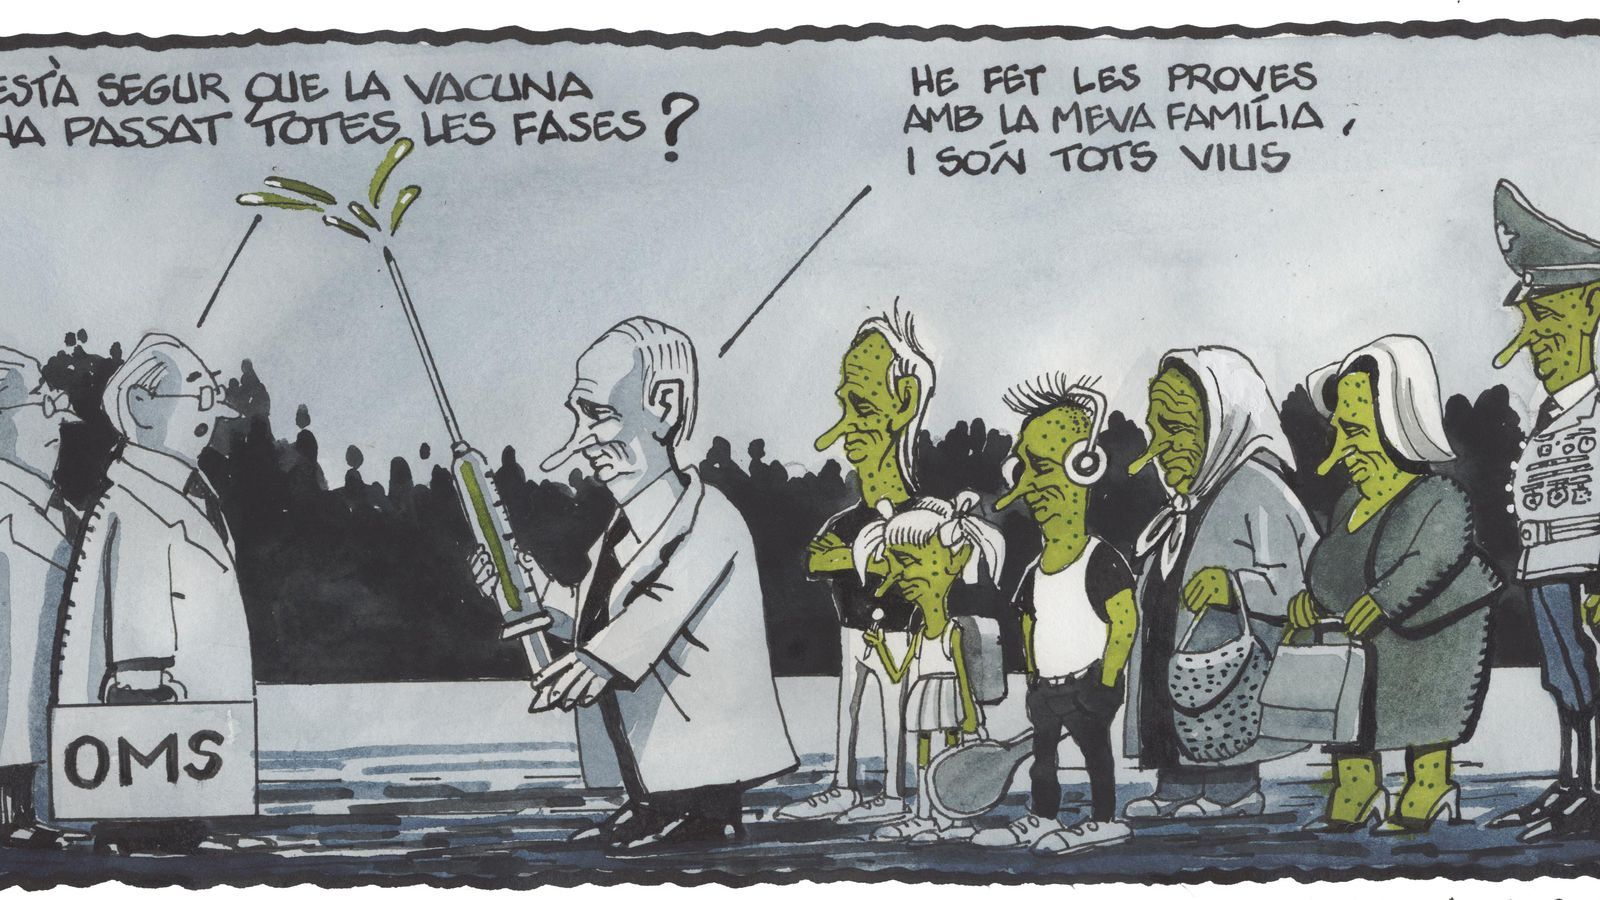 'A la contra', per Ferreres 16/08/2020